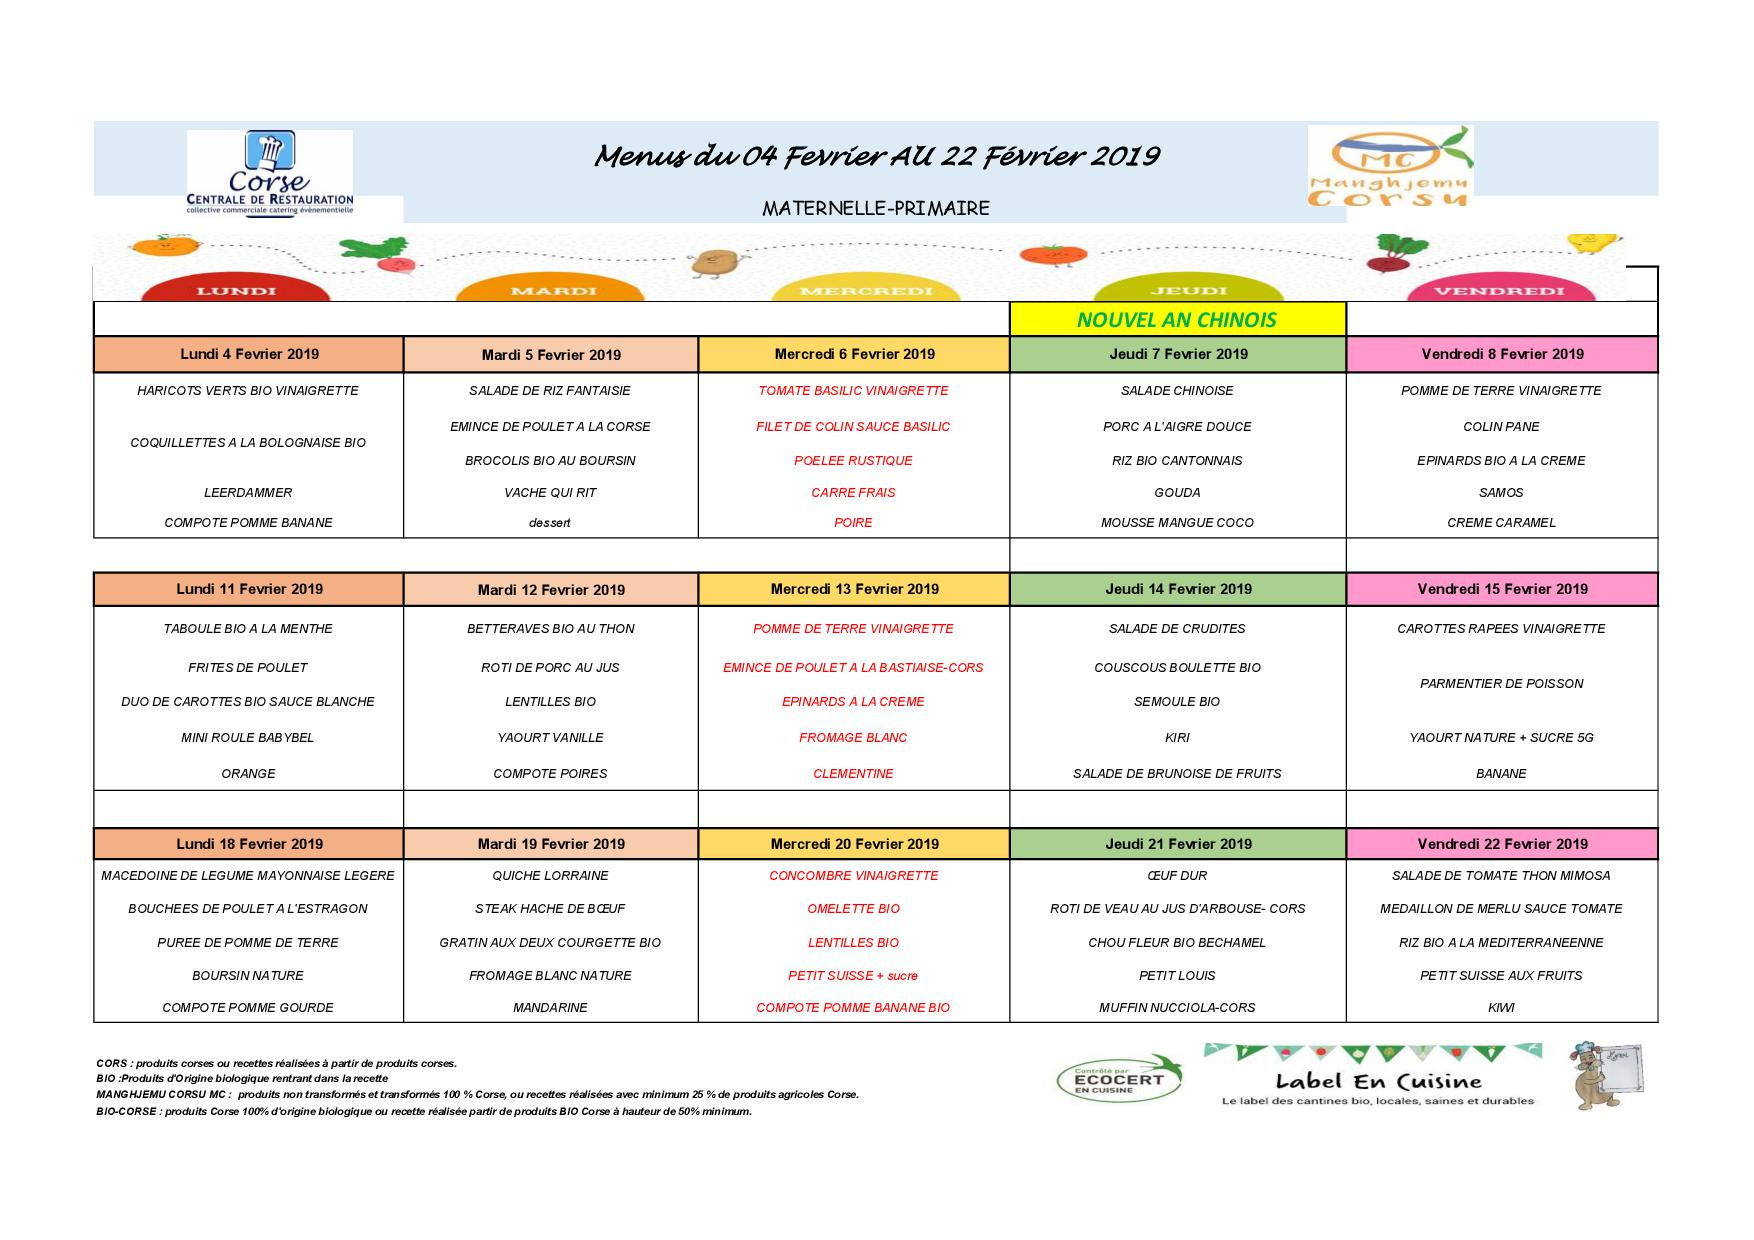 Le menu de la cantine de l'école : février 2019